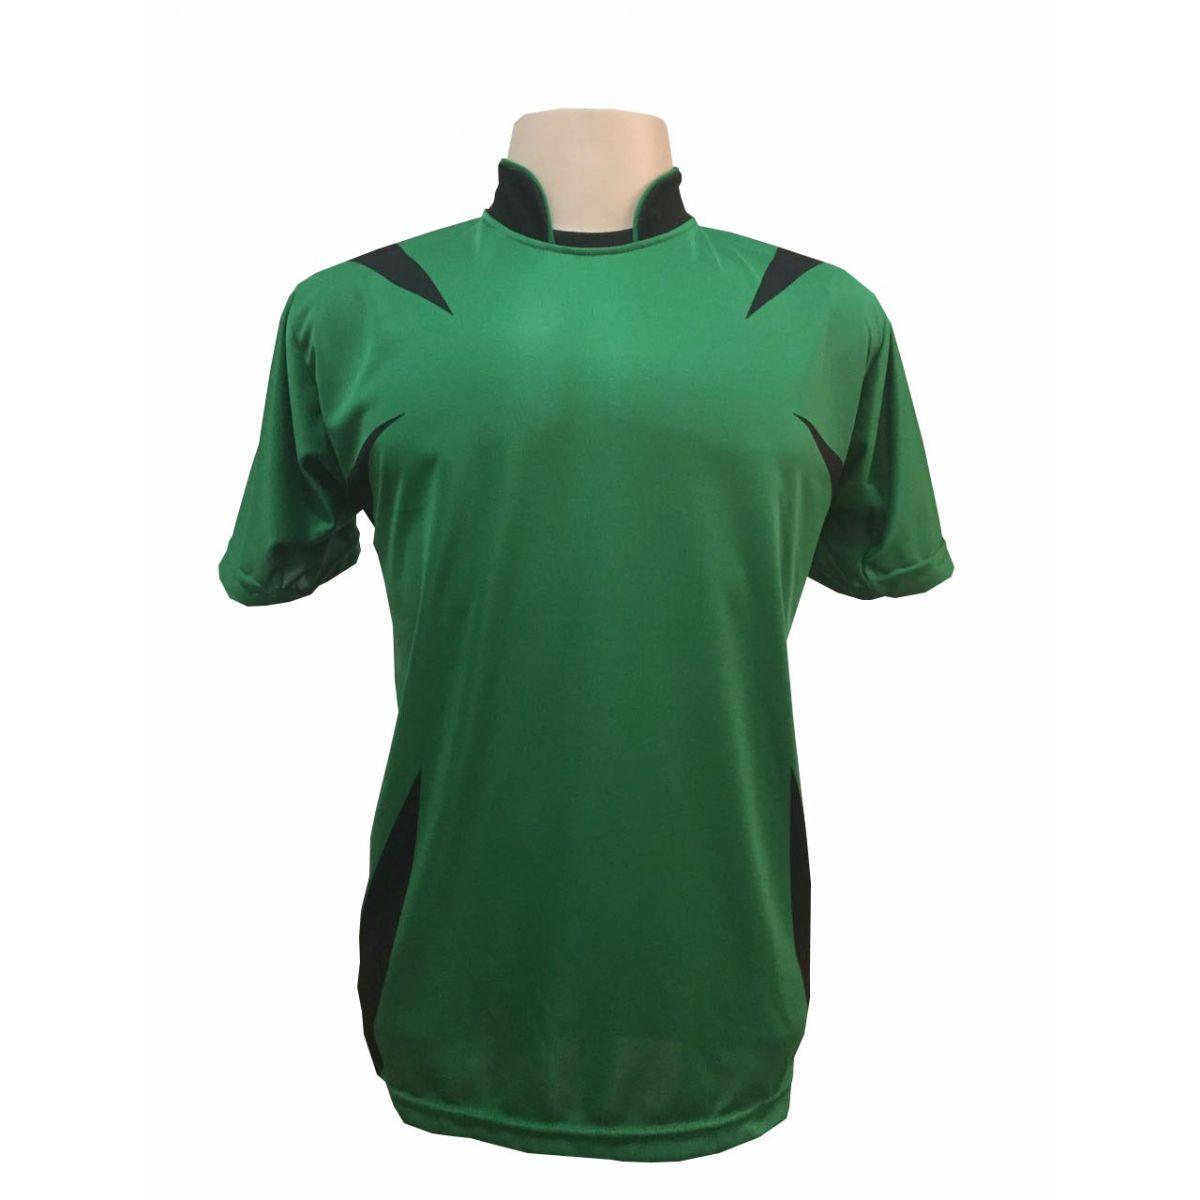 Uniforme Esportivo com 14 camisas modelo Palermo Verde/Preto + 14 calções modelo Madrid + 1 Goleiro + Brindes